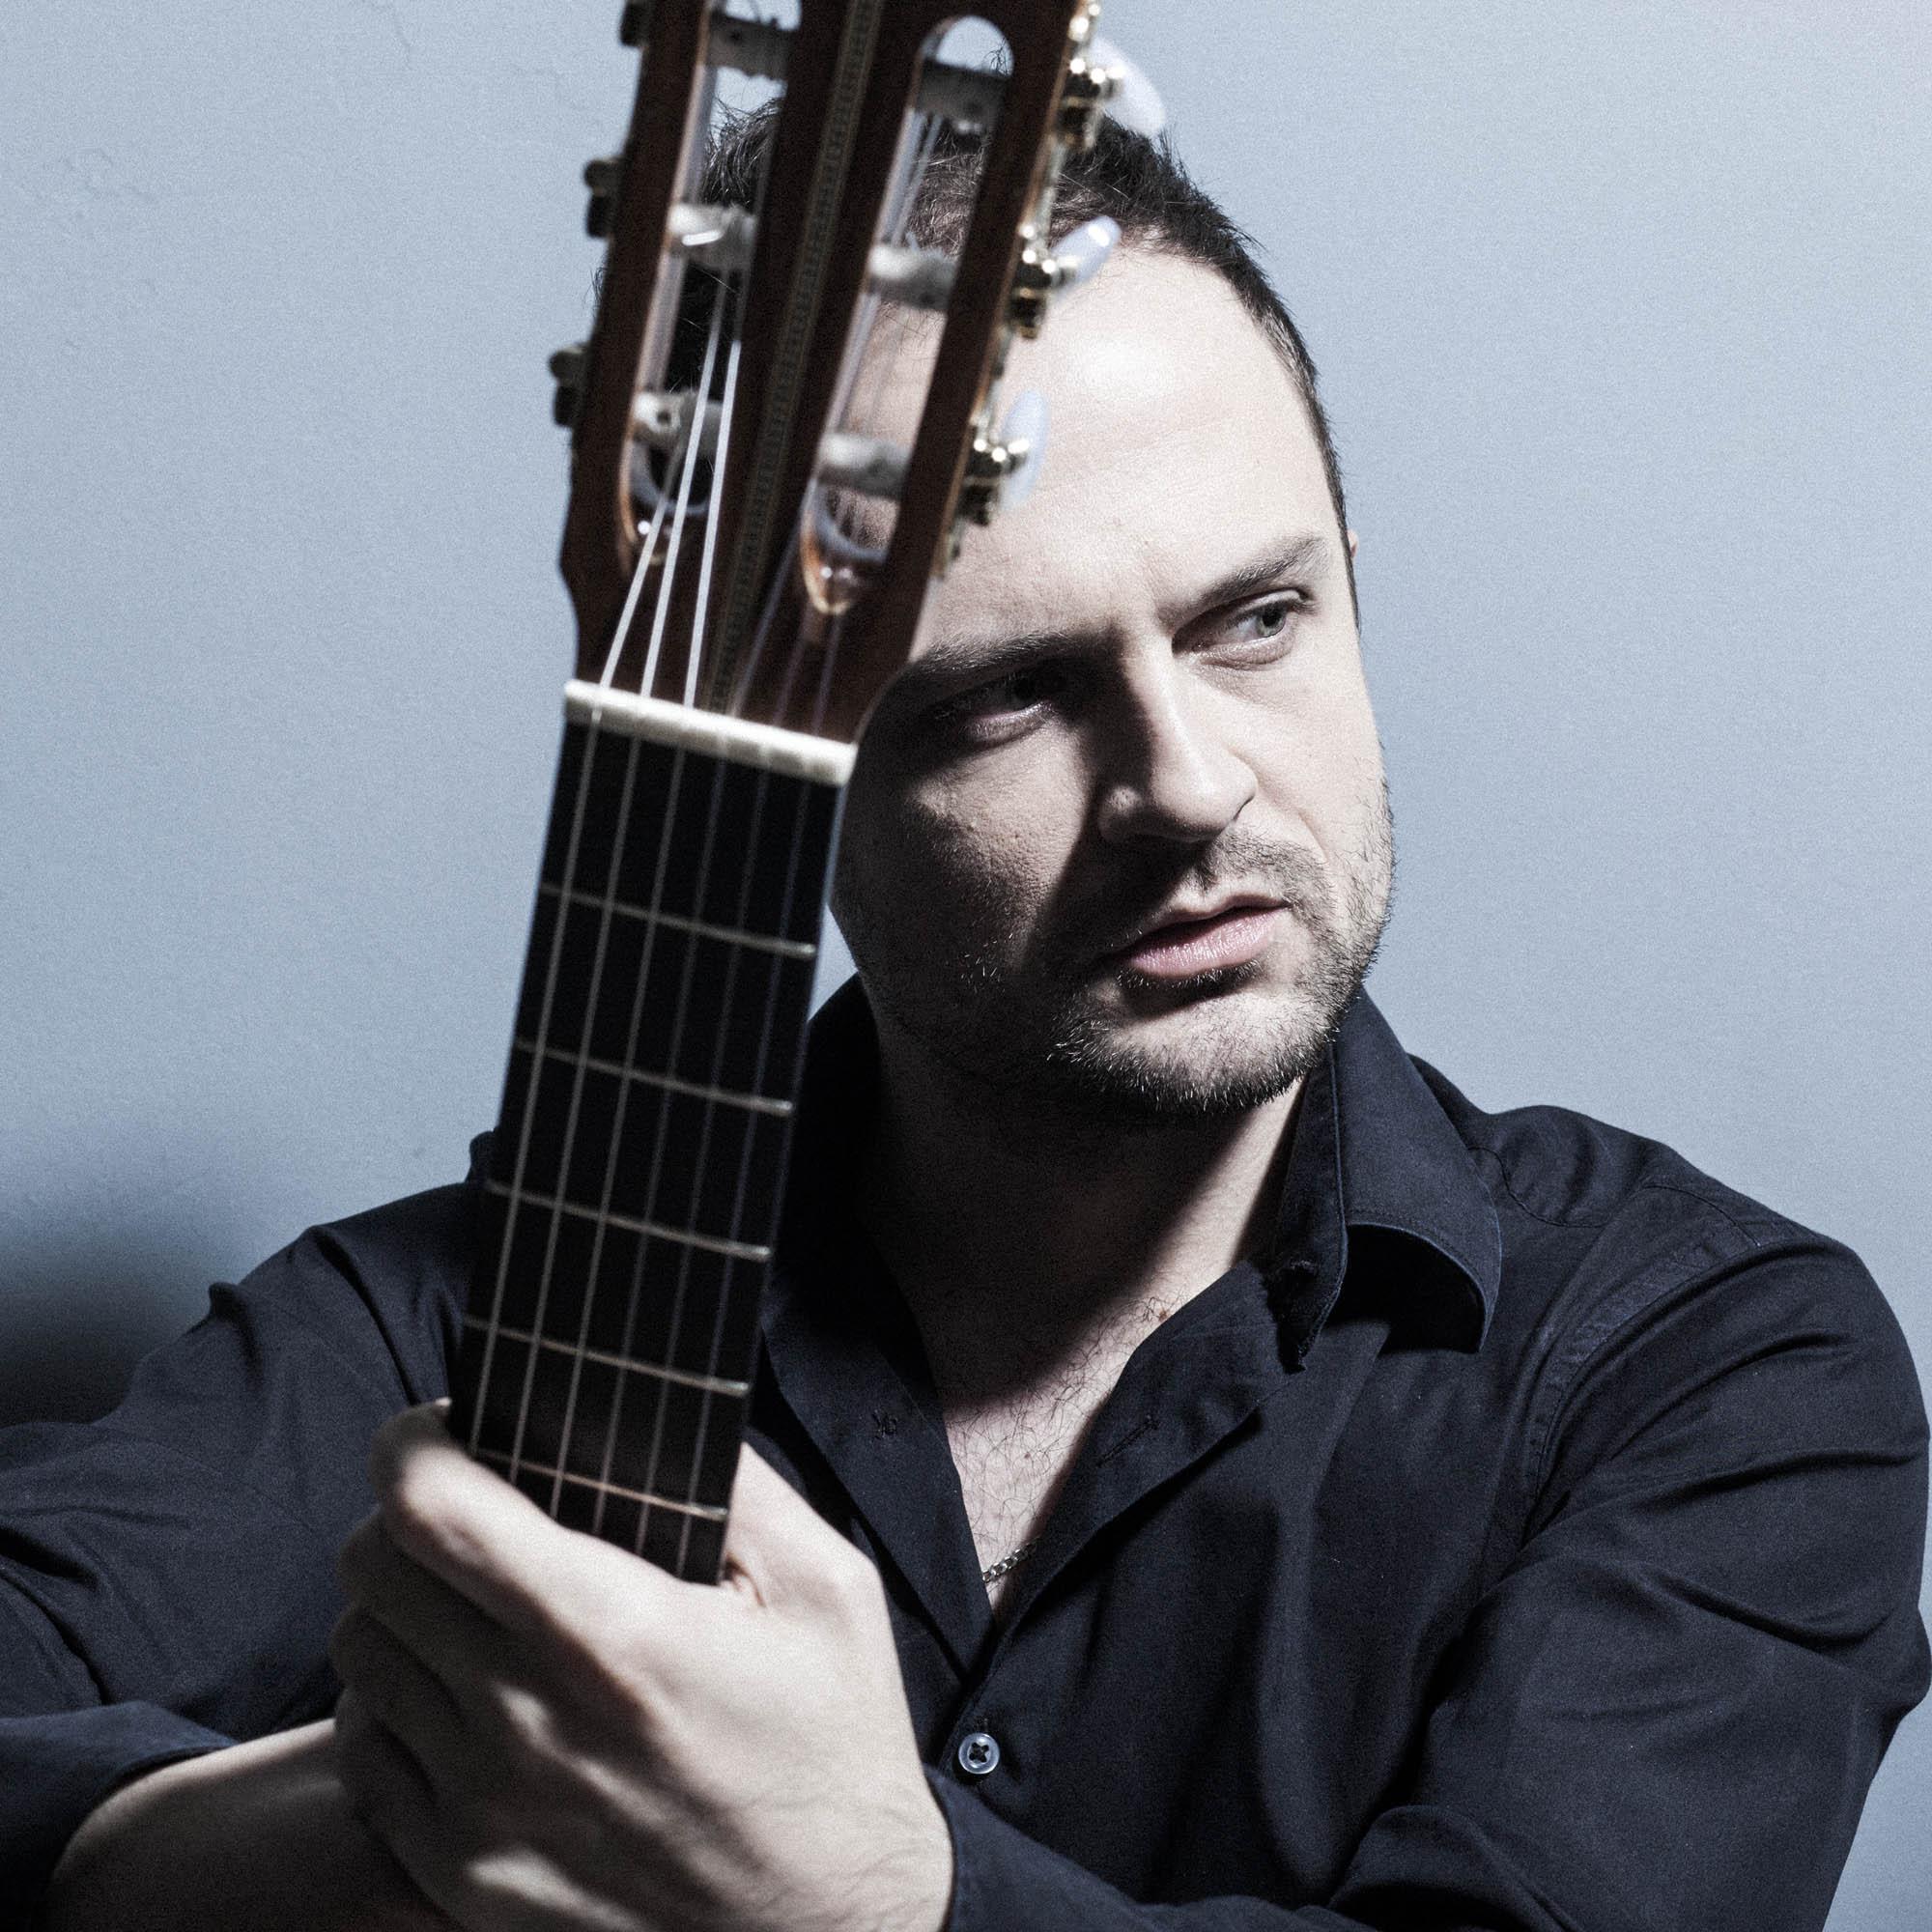 Krzysztof Meisinger, Poland